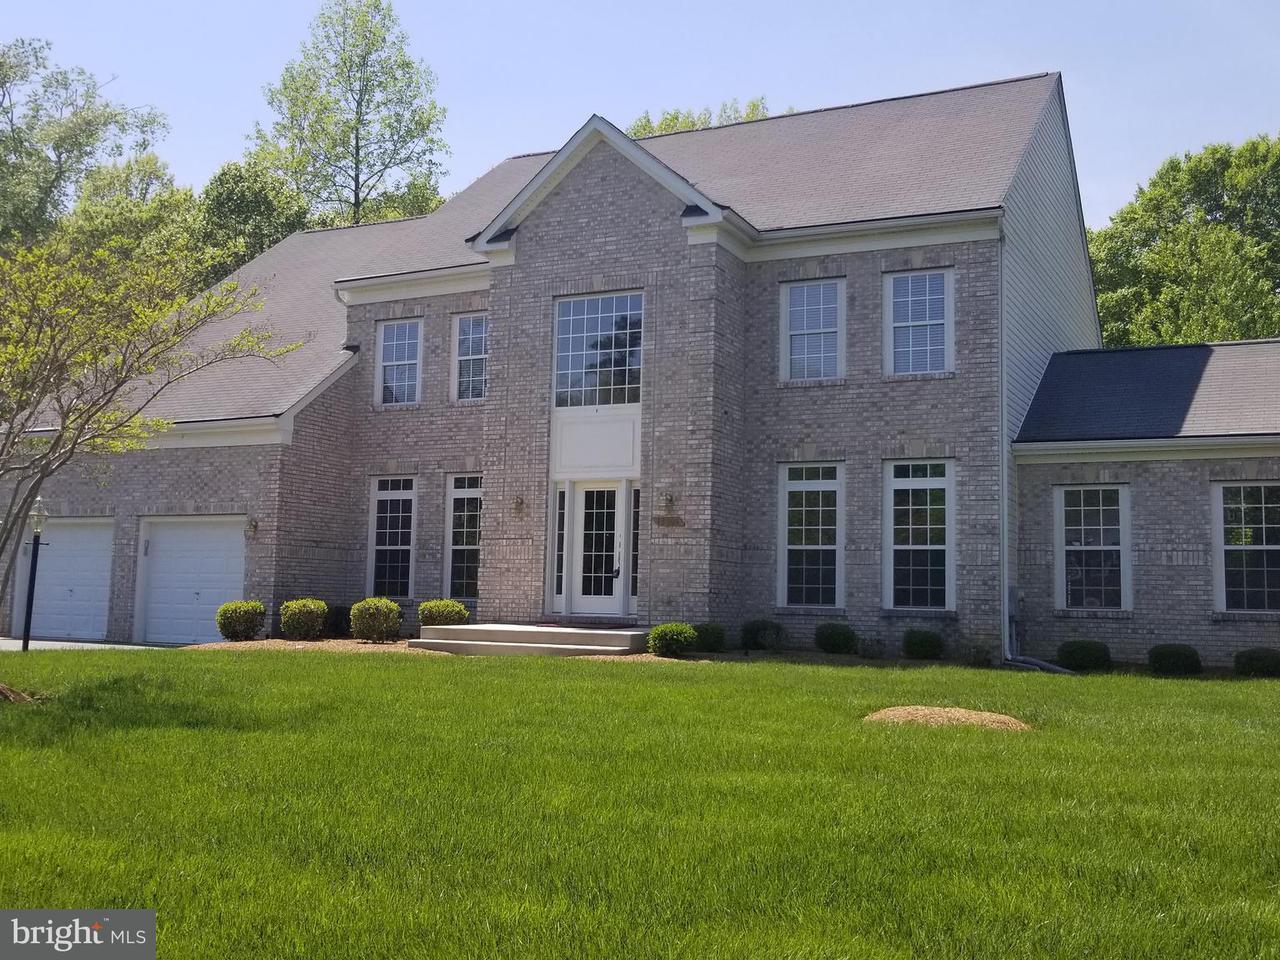 Частный односемейный дом для того Продажа на 13701 Chestnut Oak Lane 13701 Chestnut Oak Lane Brandywine, Мэриленд 20613 Соединенные Штаты